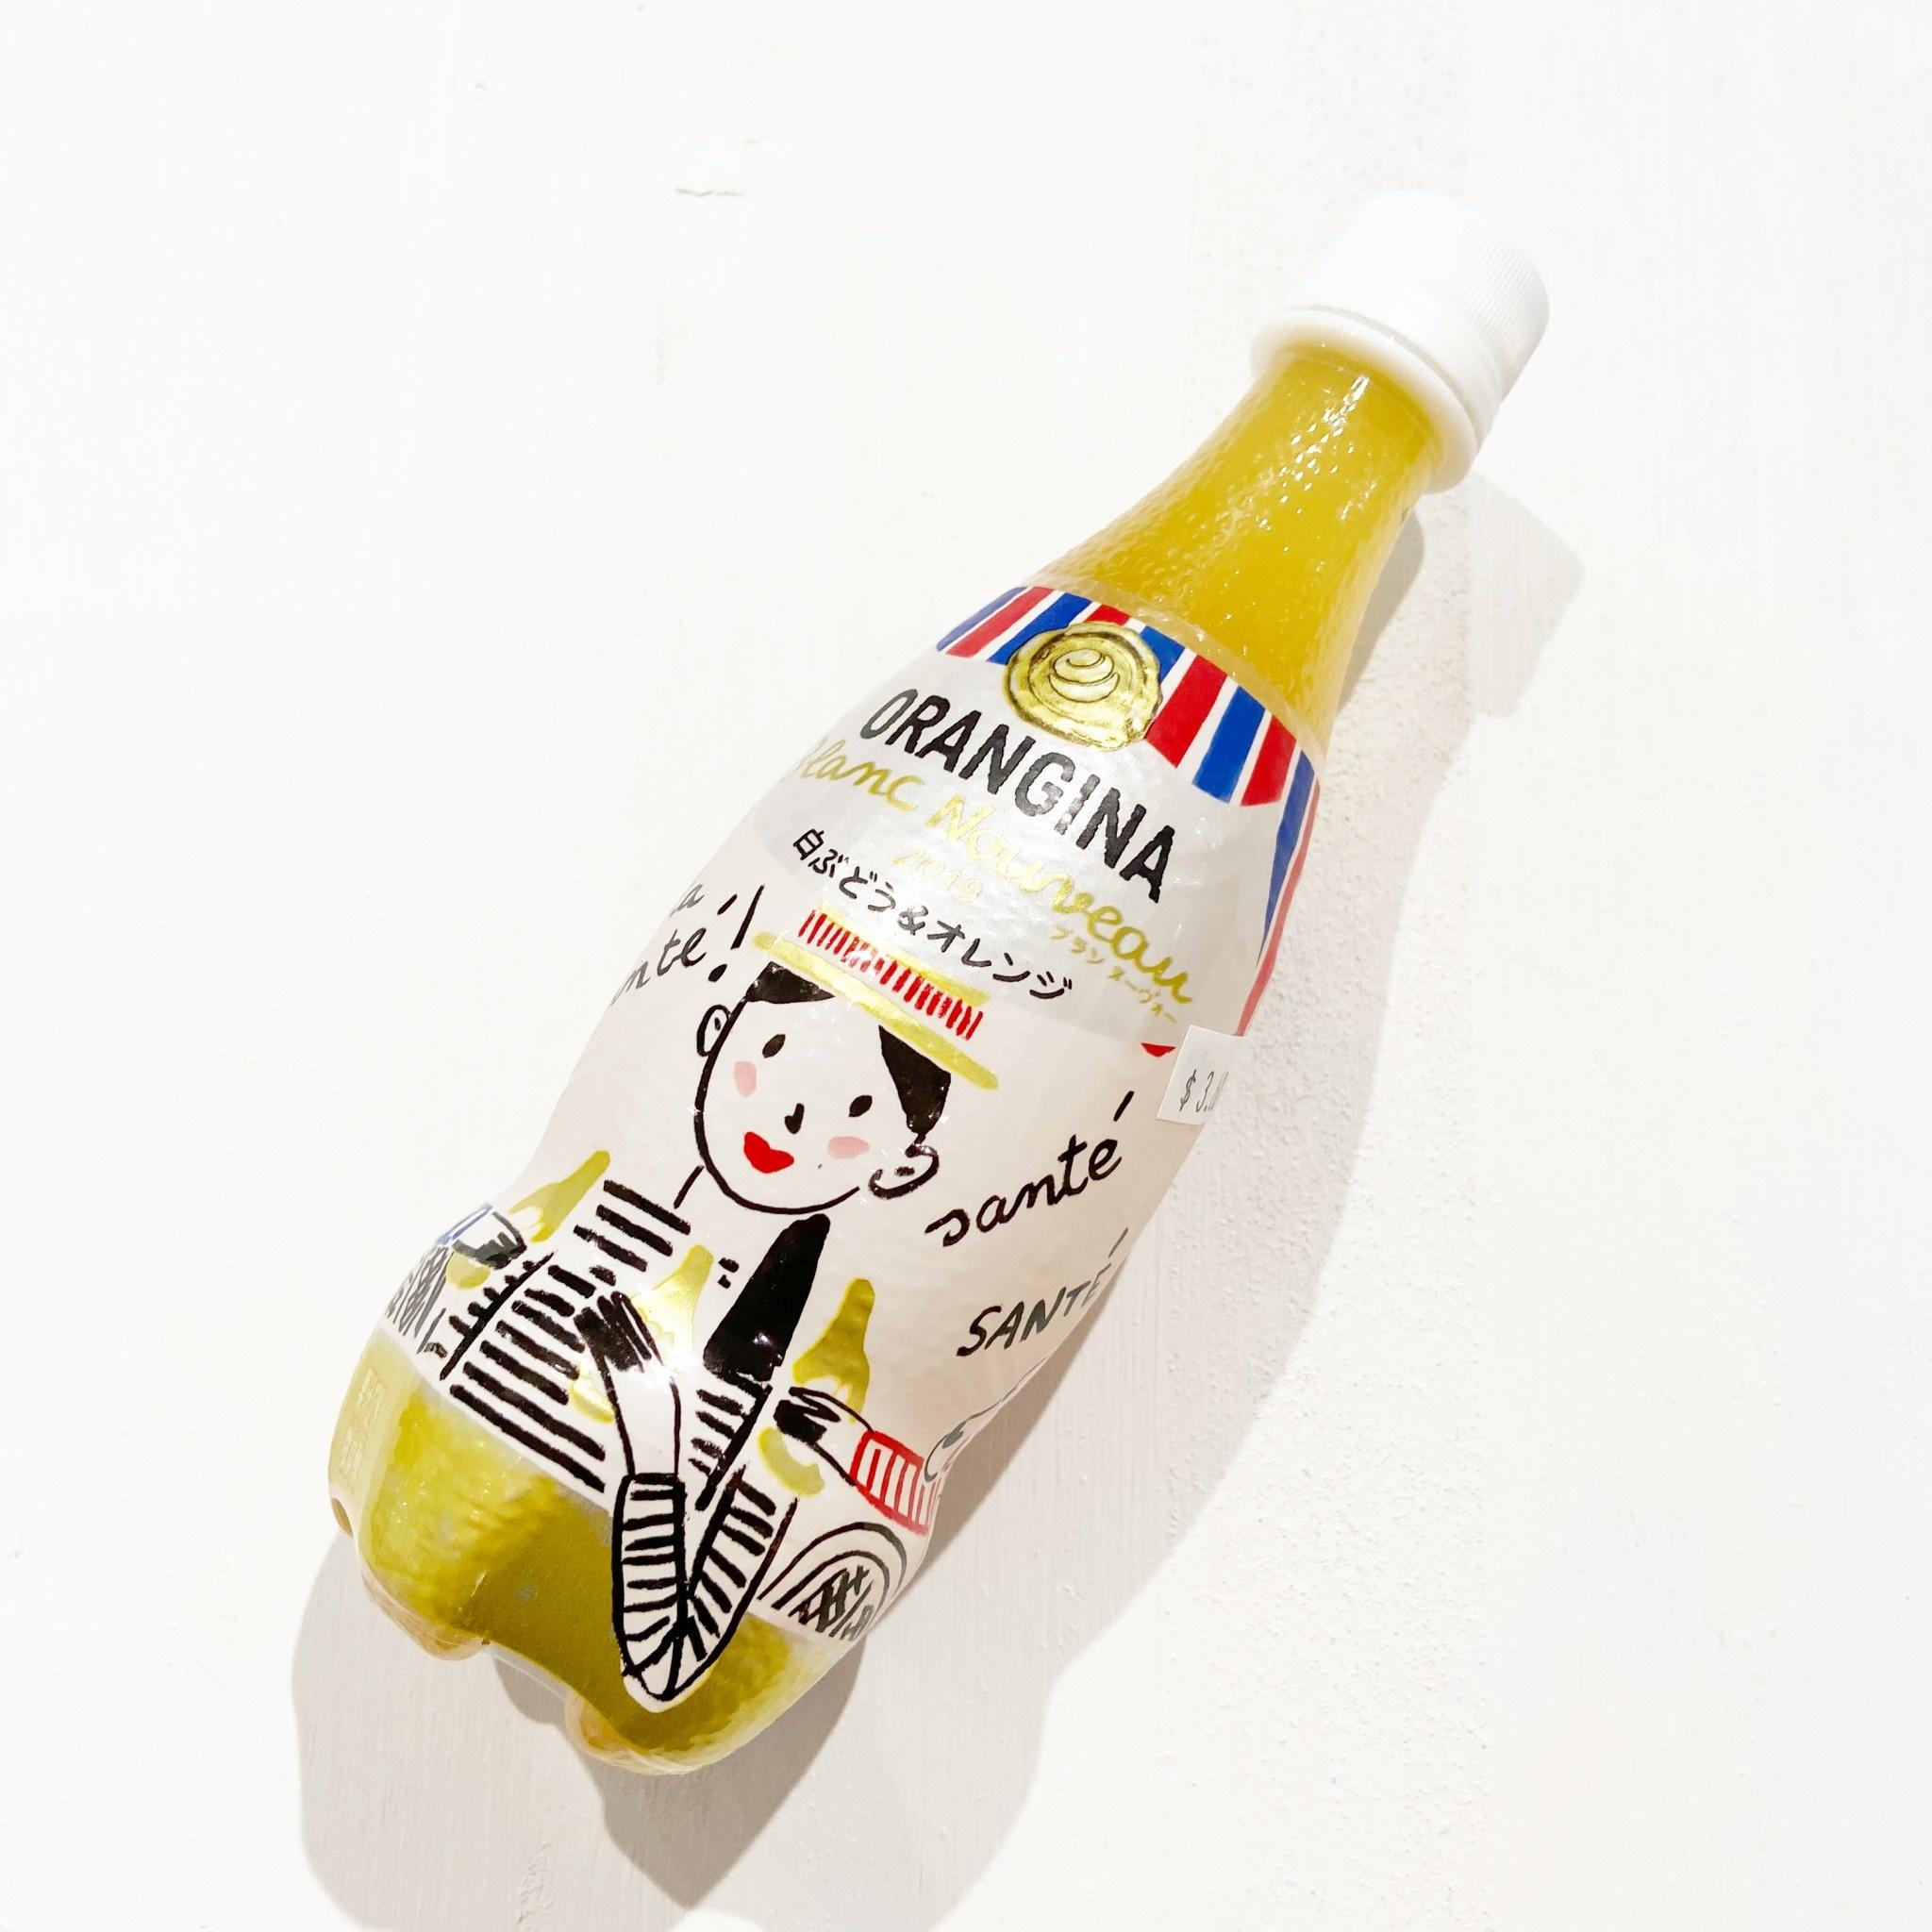 SUNTORY Orangina Blanc Nouveau Orange Juice